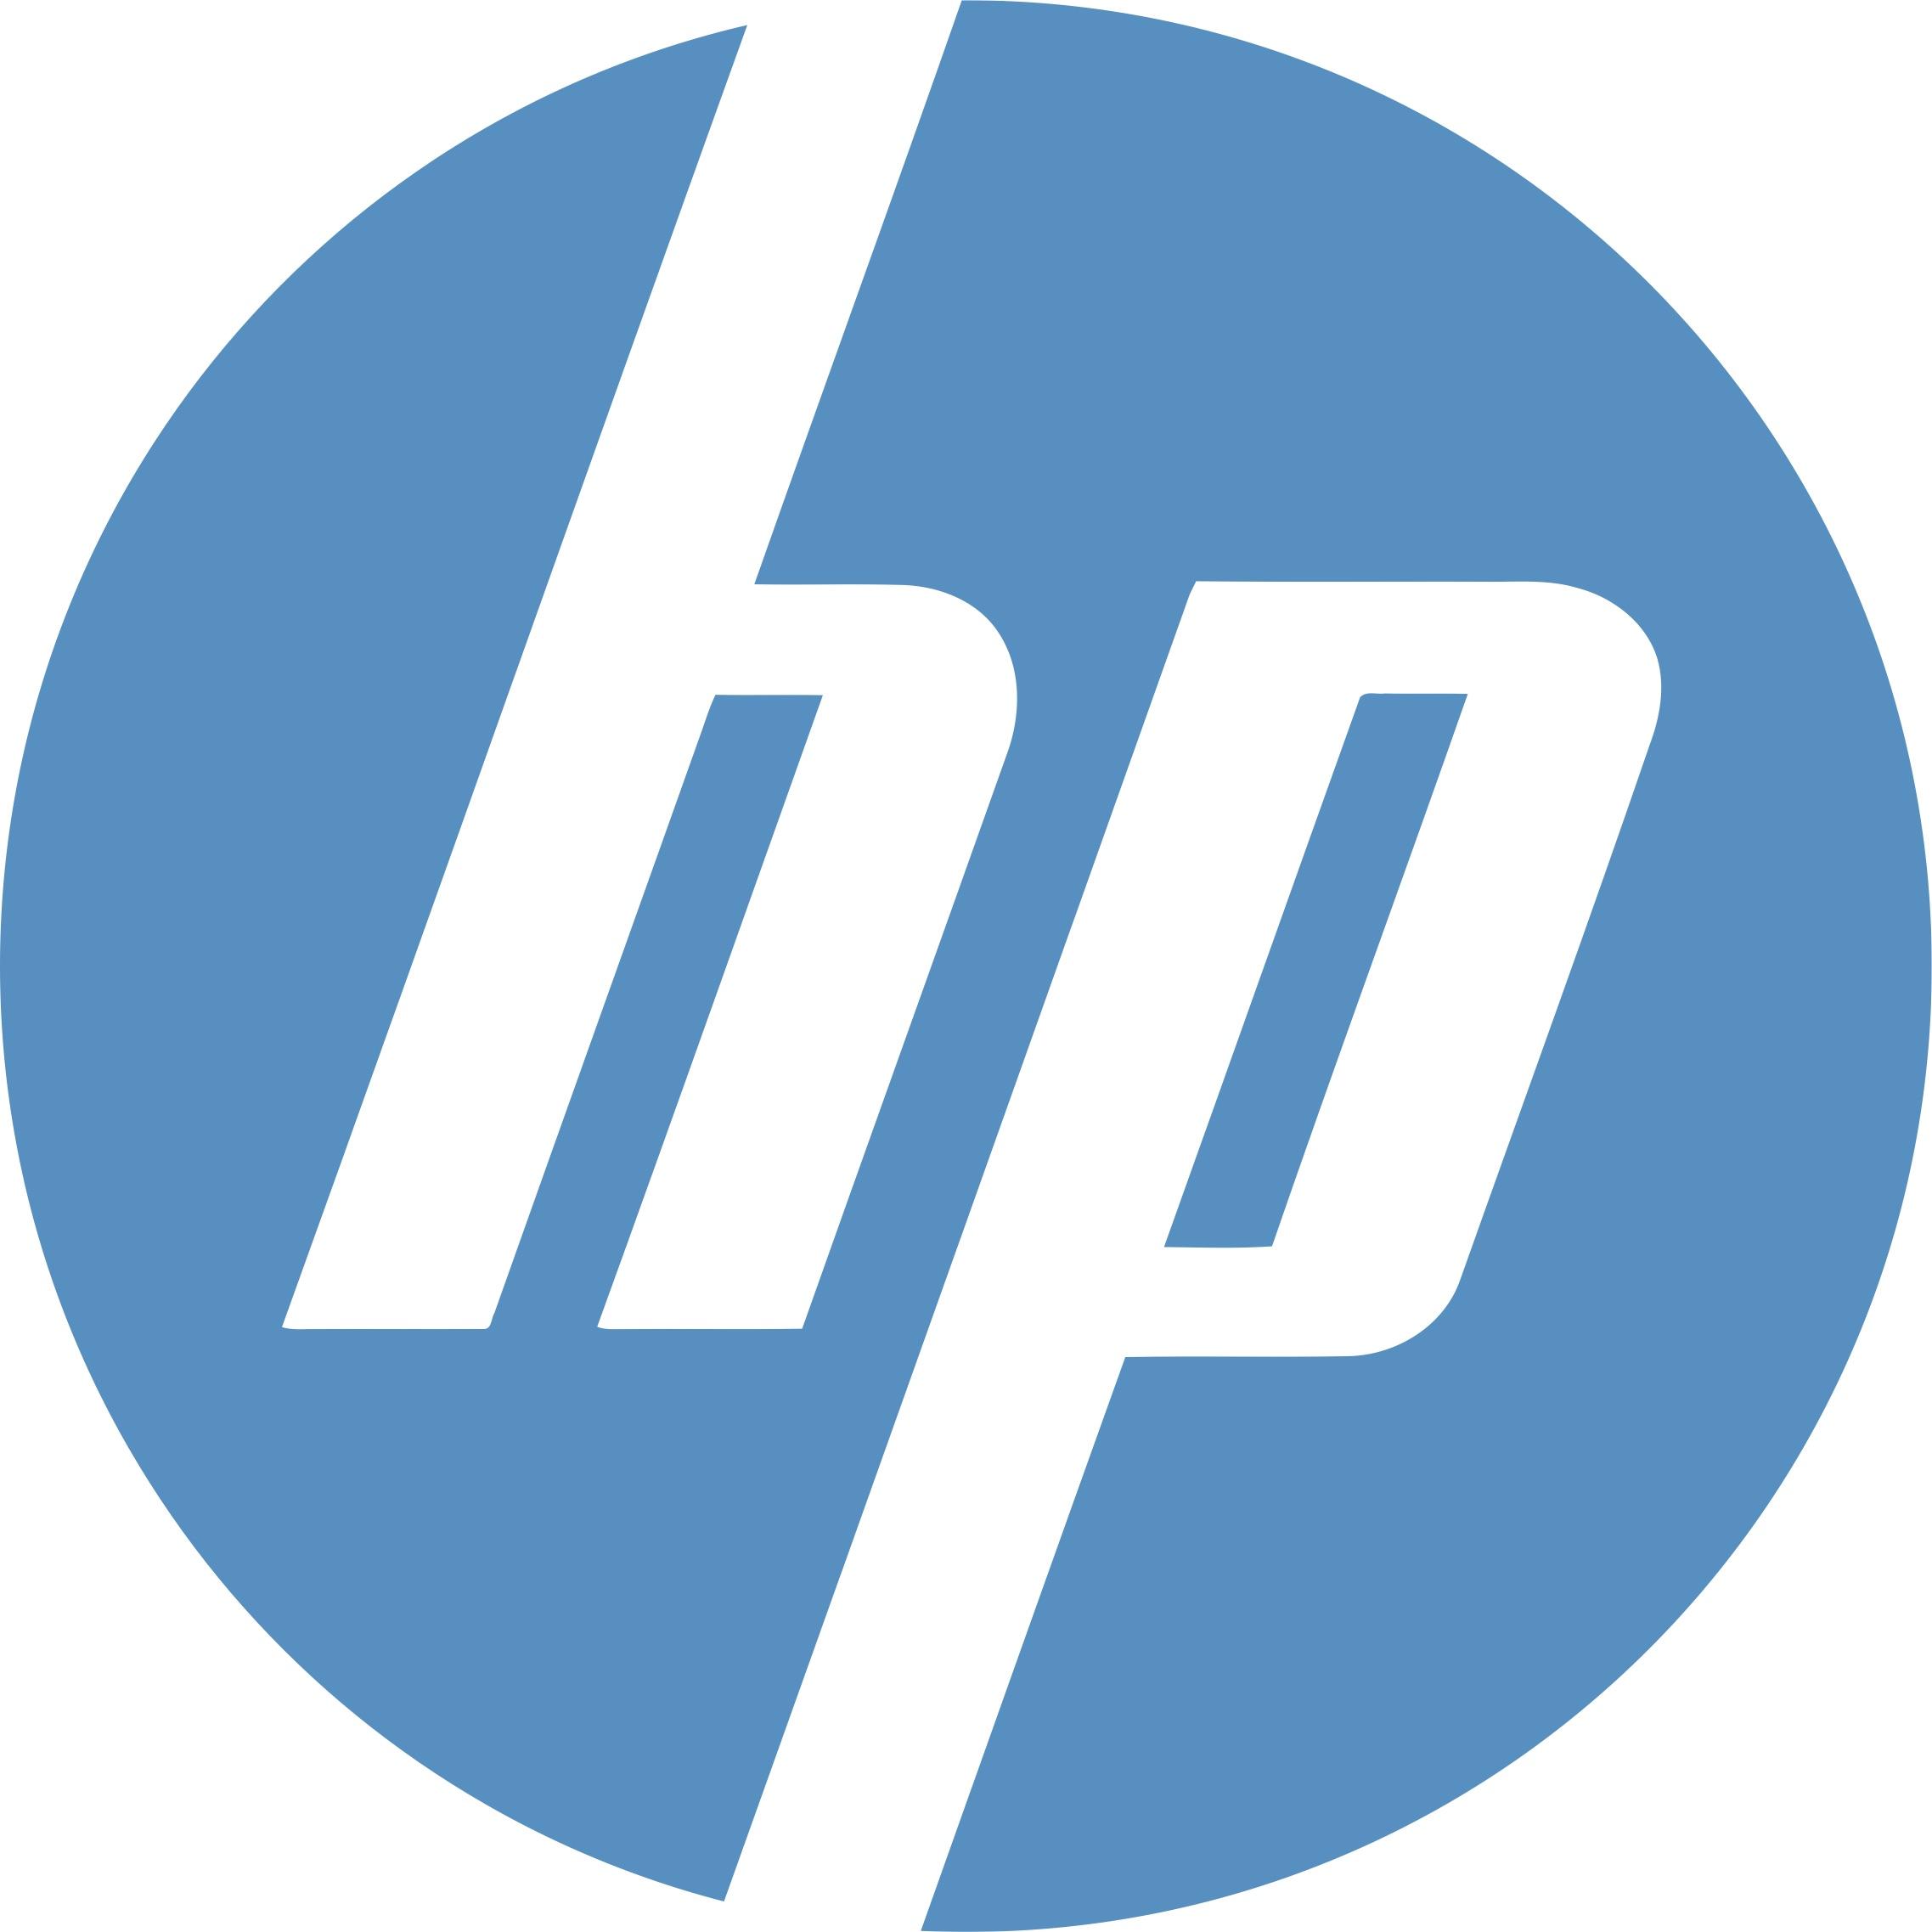 Desde el primer logo de HP, se ha utilizado la fórmula de las letras iniciales de sus fundadores con un estilo alargado y estilizado.